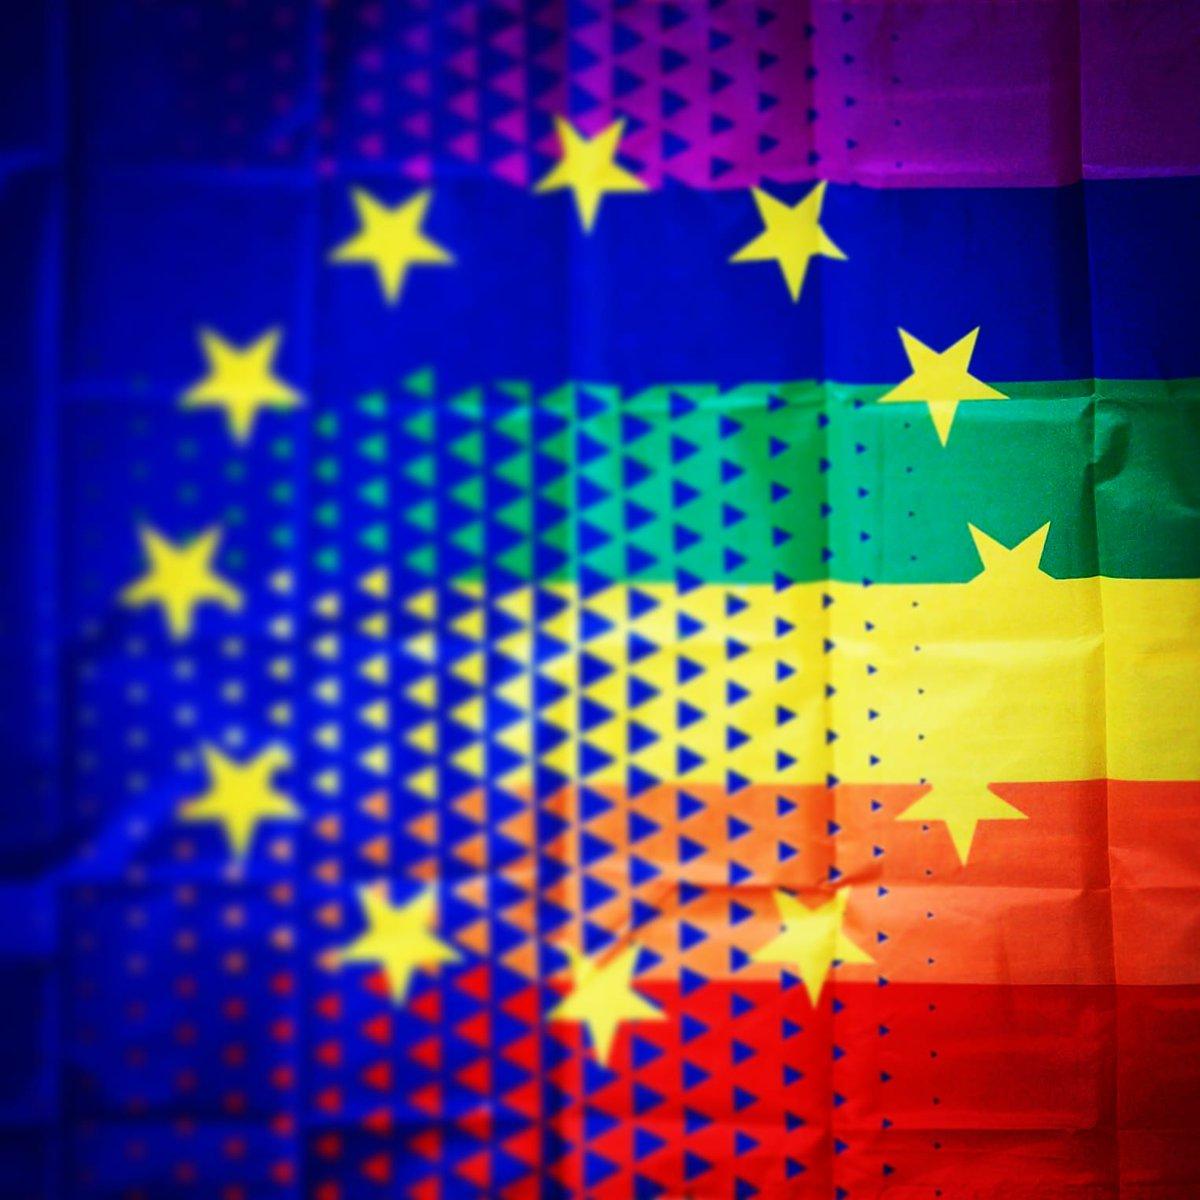 #PrideMonth #prideweek #csd #LGBTQIA #LGBTQI #LGBTQ #loveislove #faith #hope #Europa https://t.co/3lrIbqJlNq